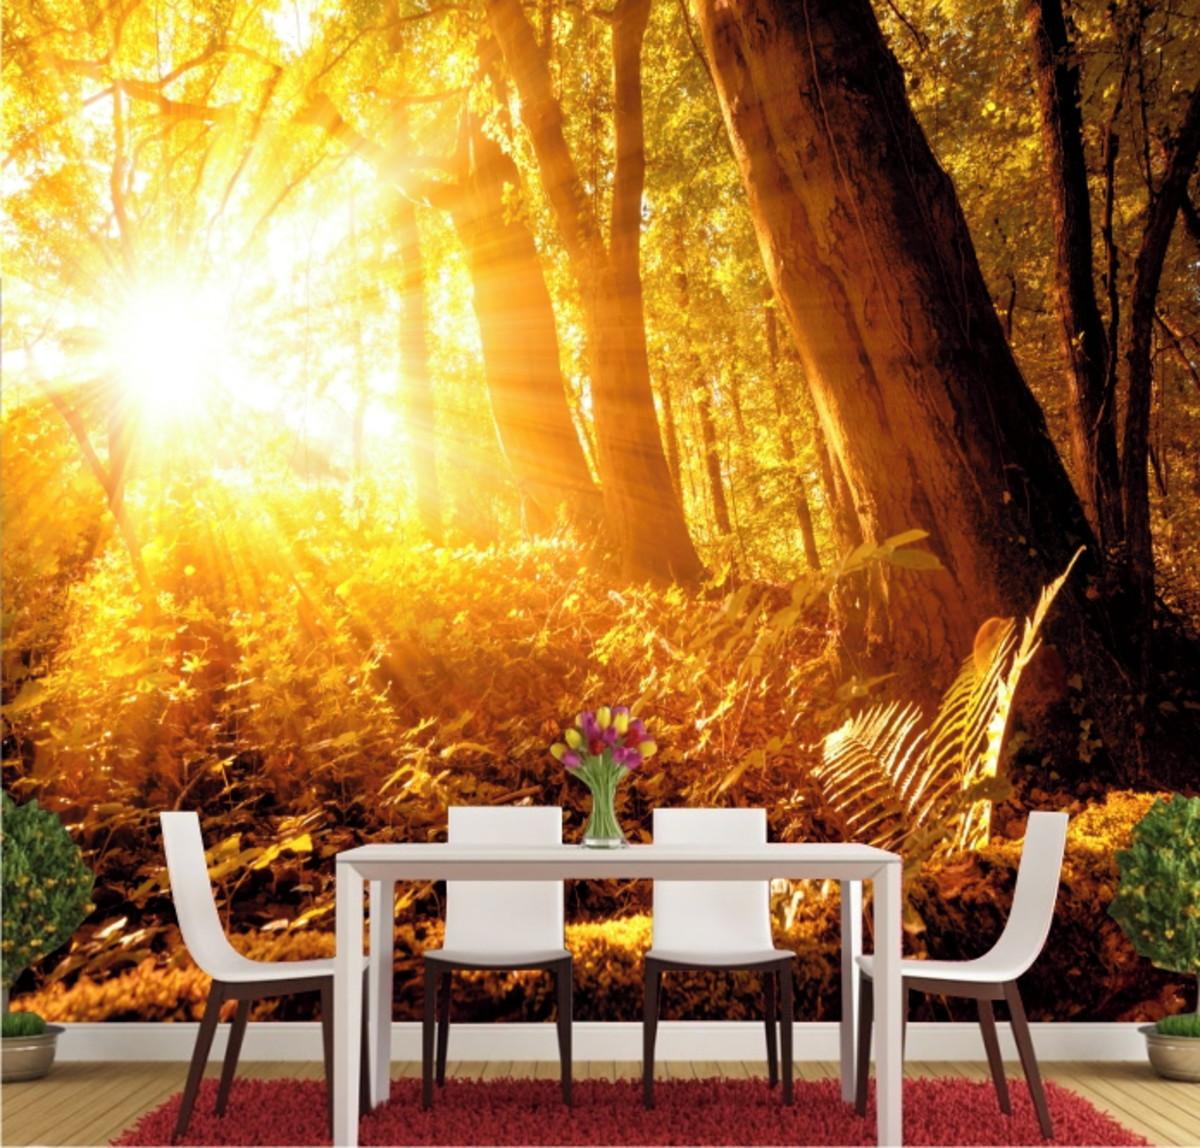 Adesivo Parede Por Do Sol Paisagem Natureza Floresta Gg240 No Elo7